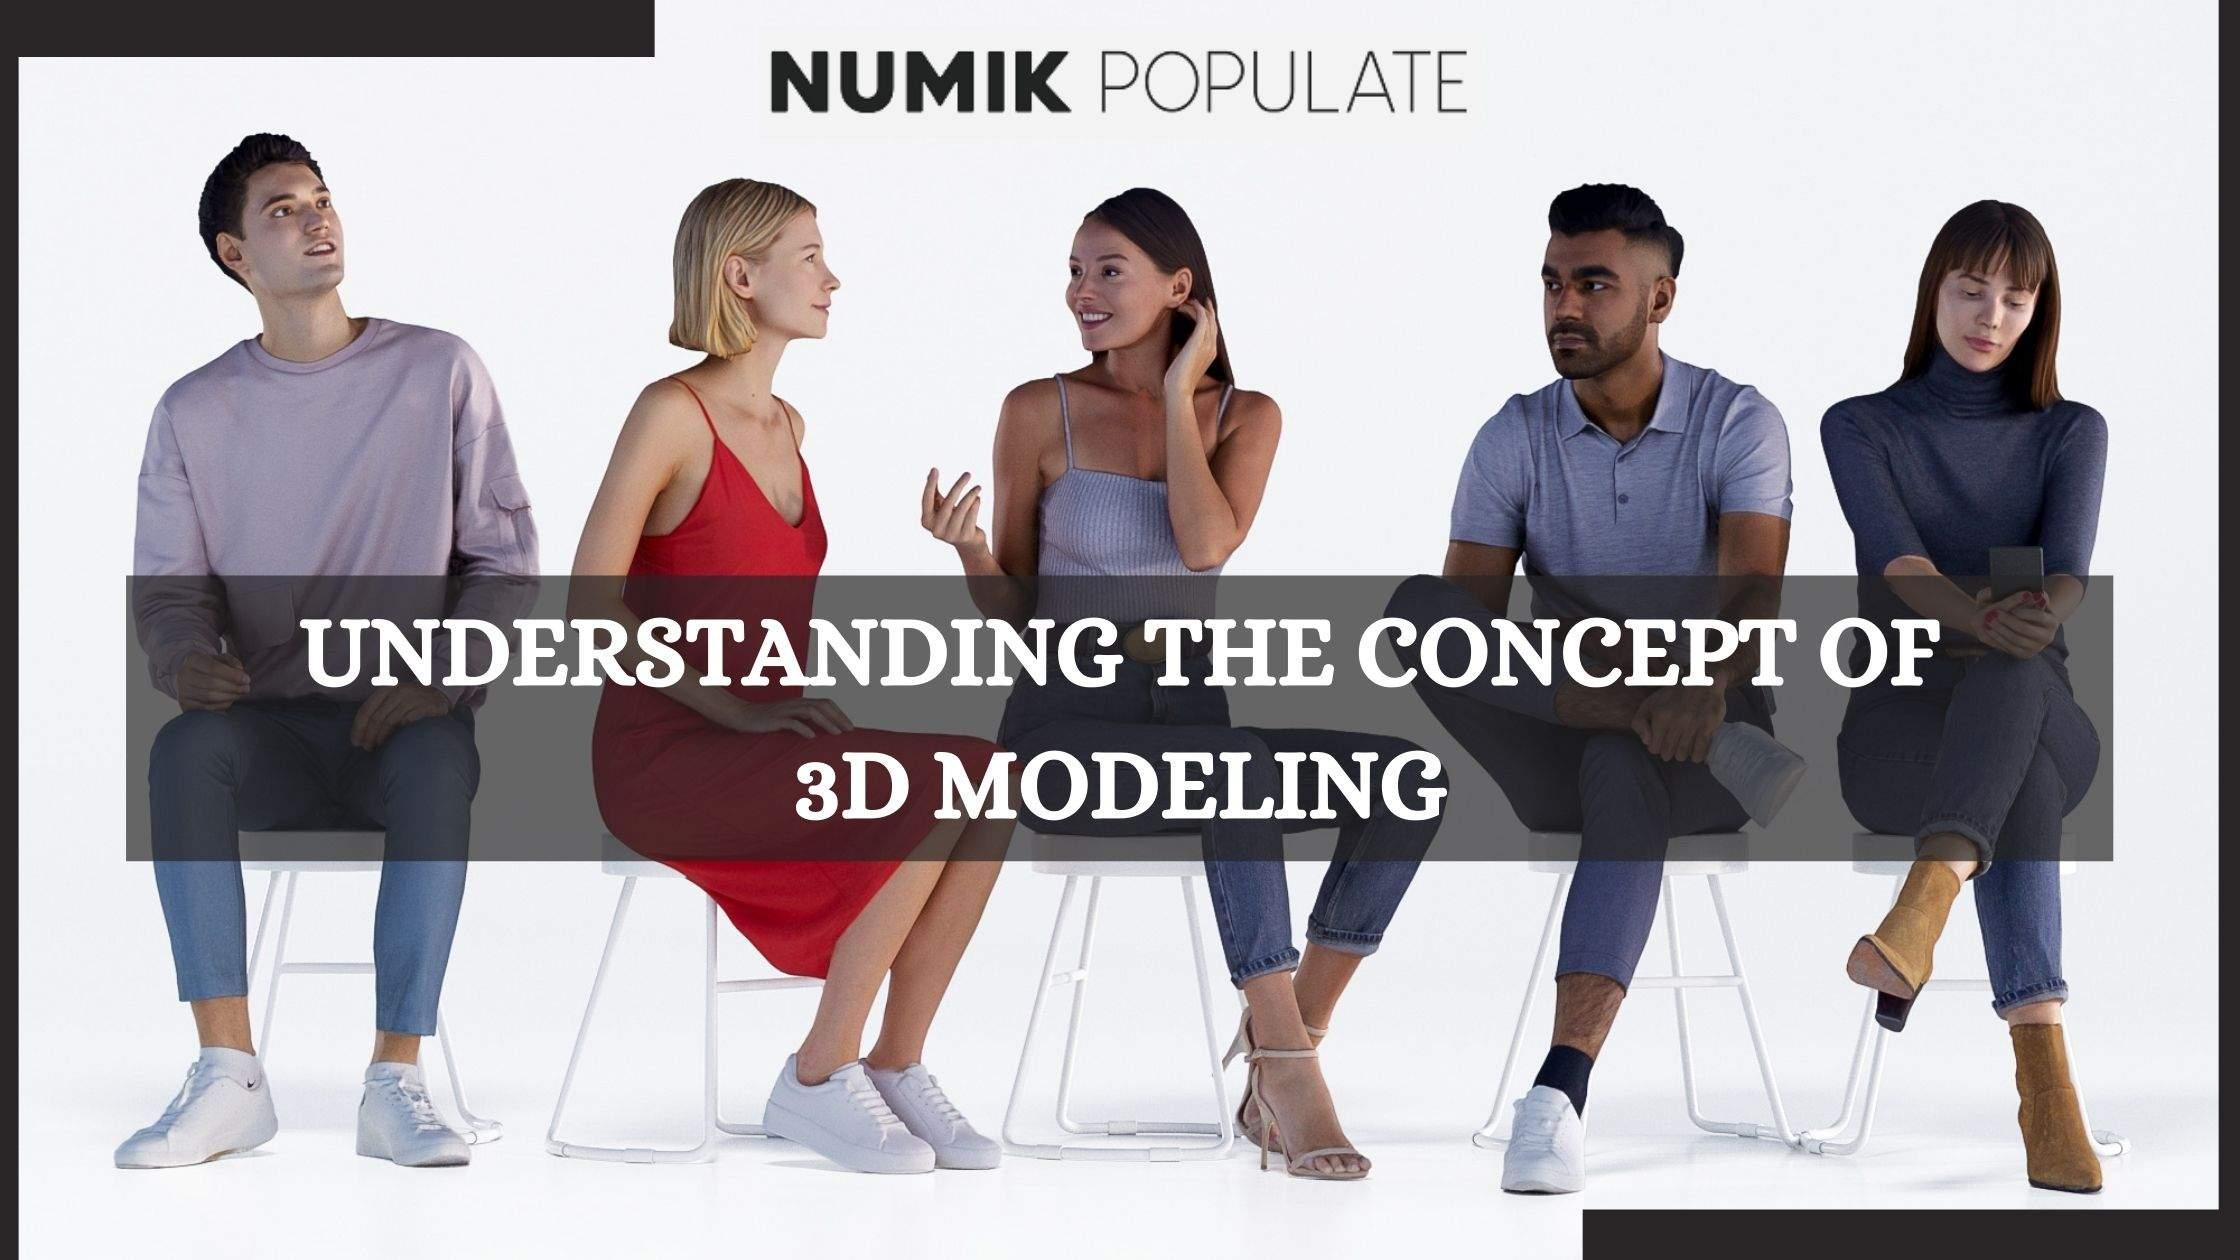 Understanding the Concept of 3D Modeling - Numik Populate